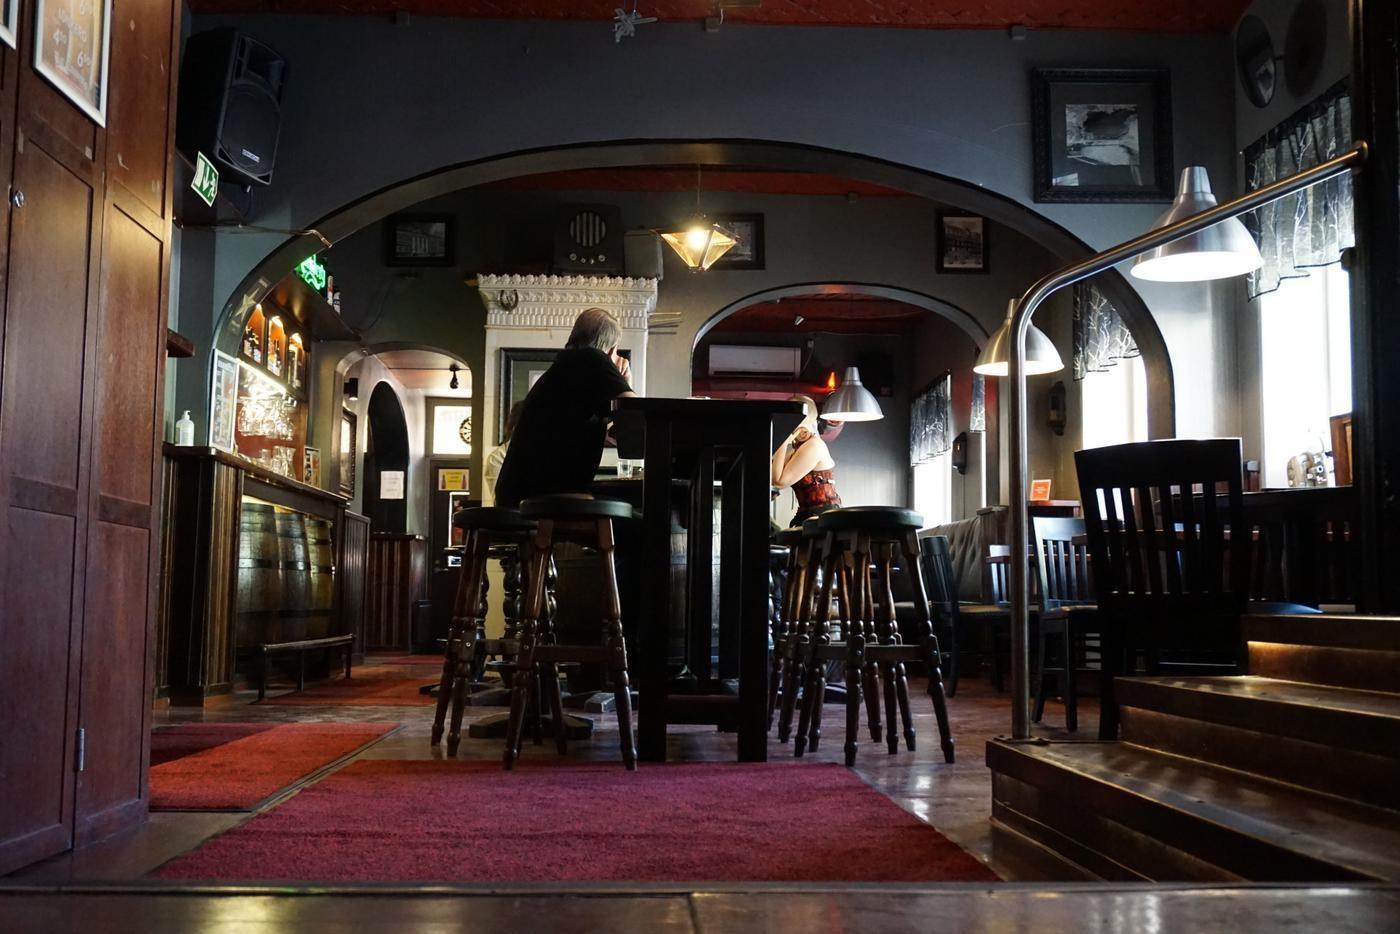 en vy av en pub med ett par människor som sitter på höga barstolar vid bord